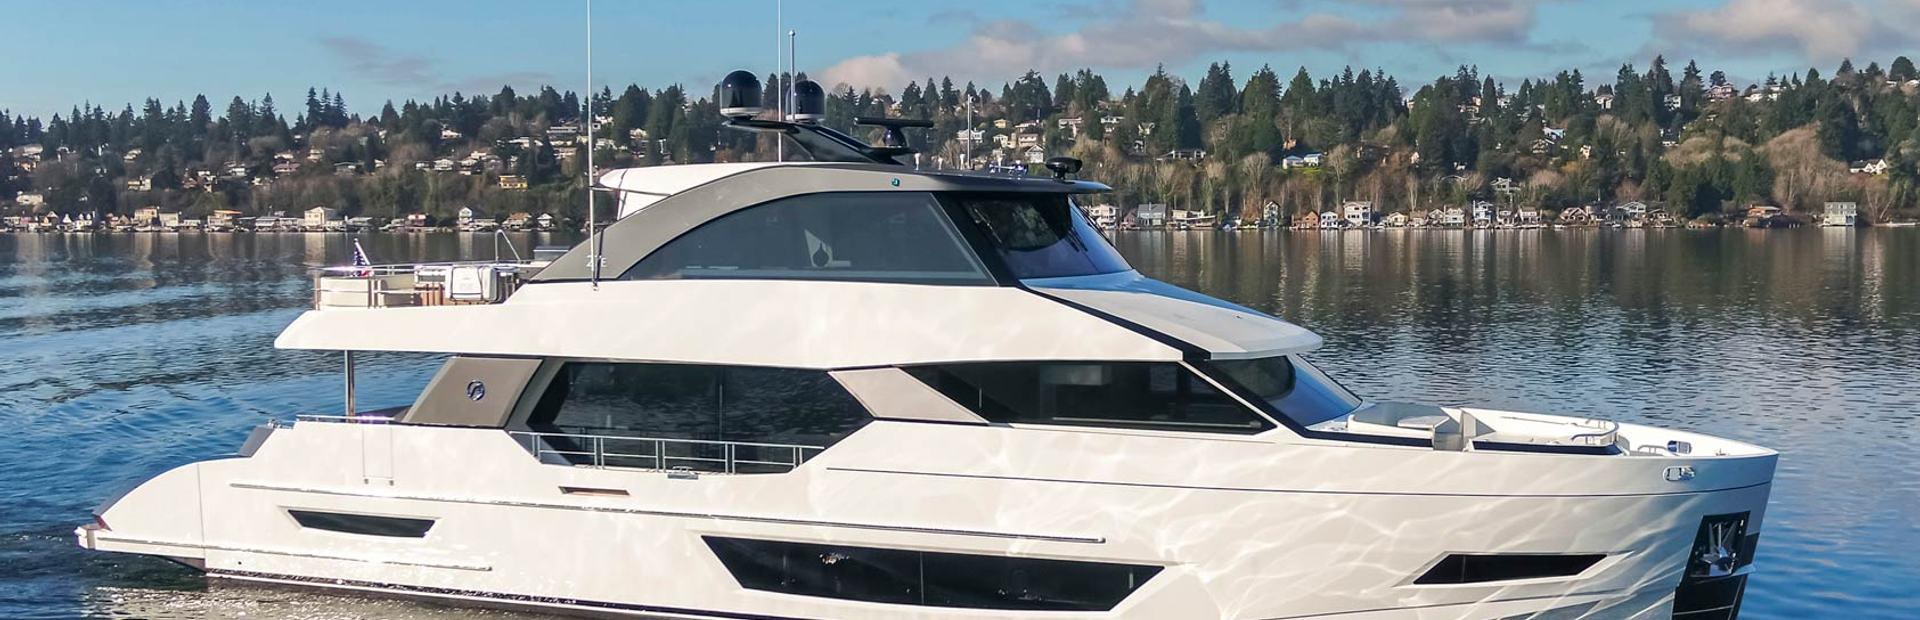 27E Yacht Charter